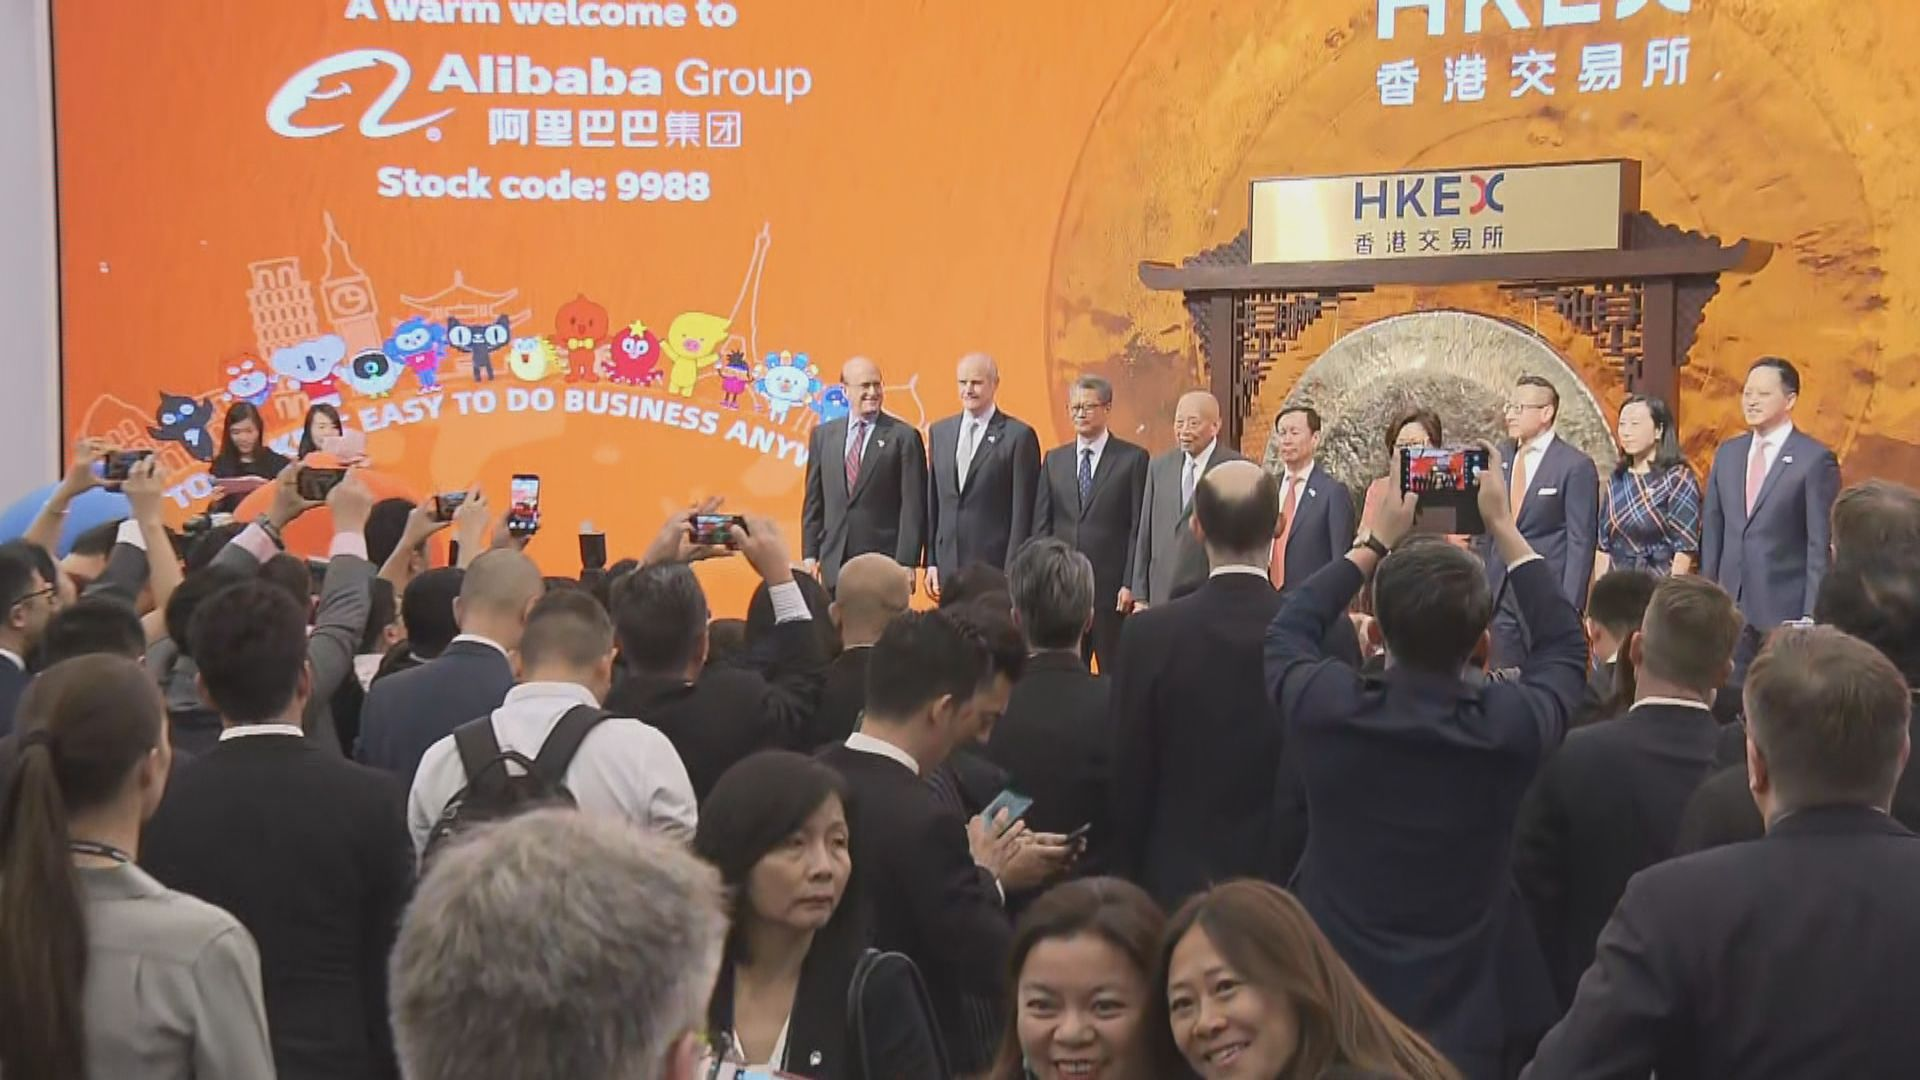 【首日掛牌前】阿里巴巴逾40億股份轉倉至香港